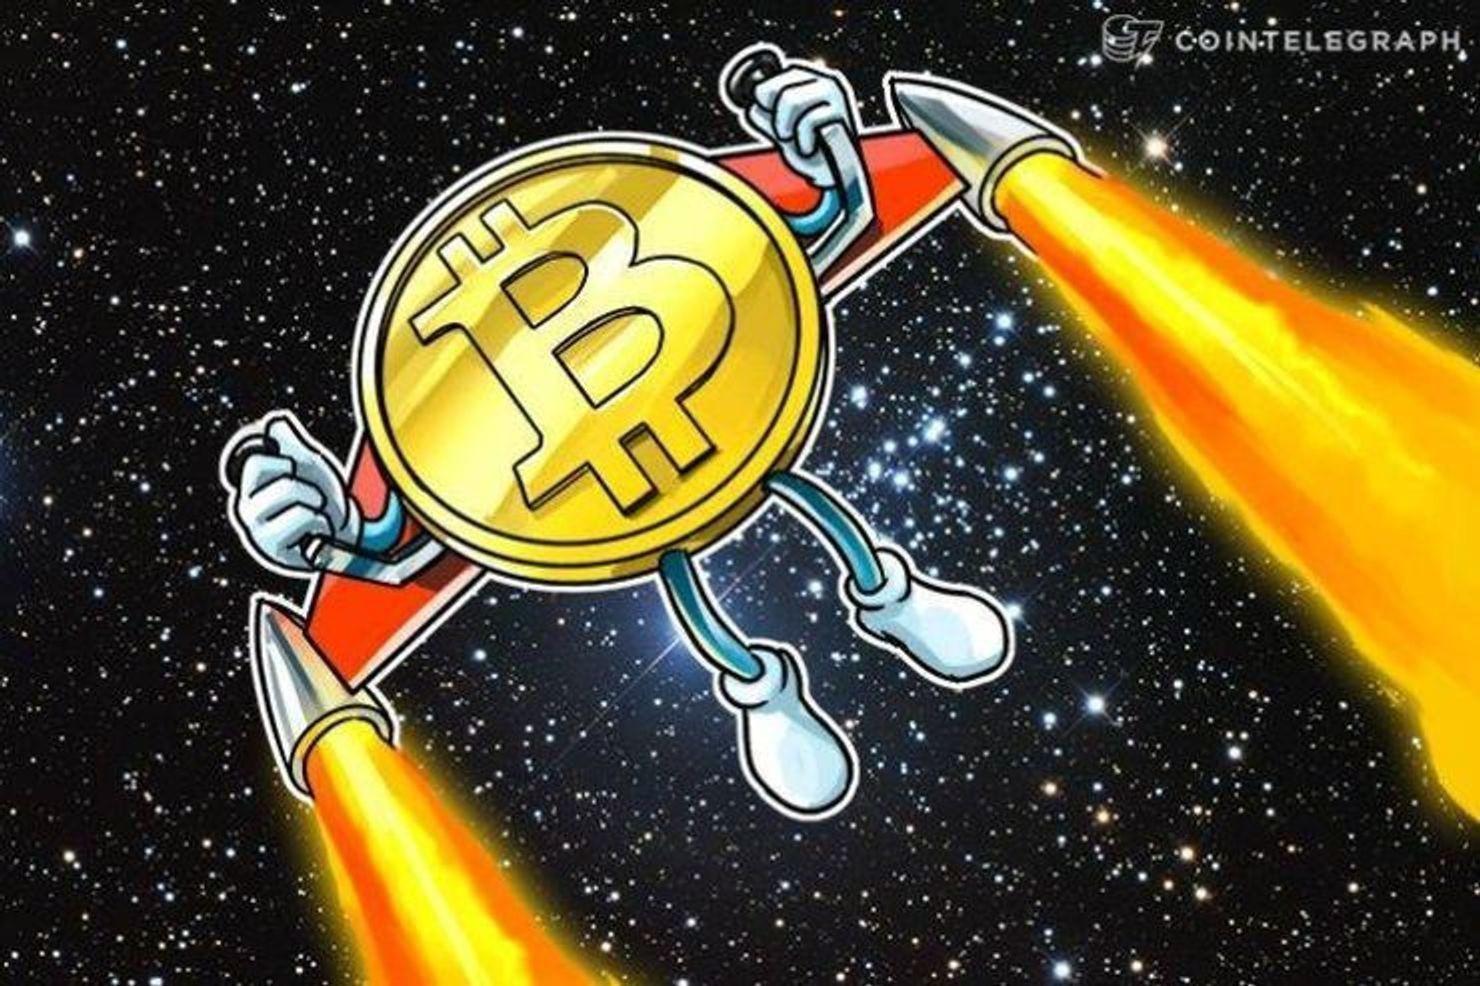 来週にもゴールデンクロス形成か|仮想通貨ビットコインは3万ドルに急上昇予測【仮想通貨相場】